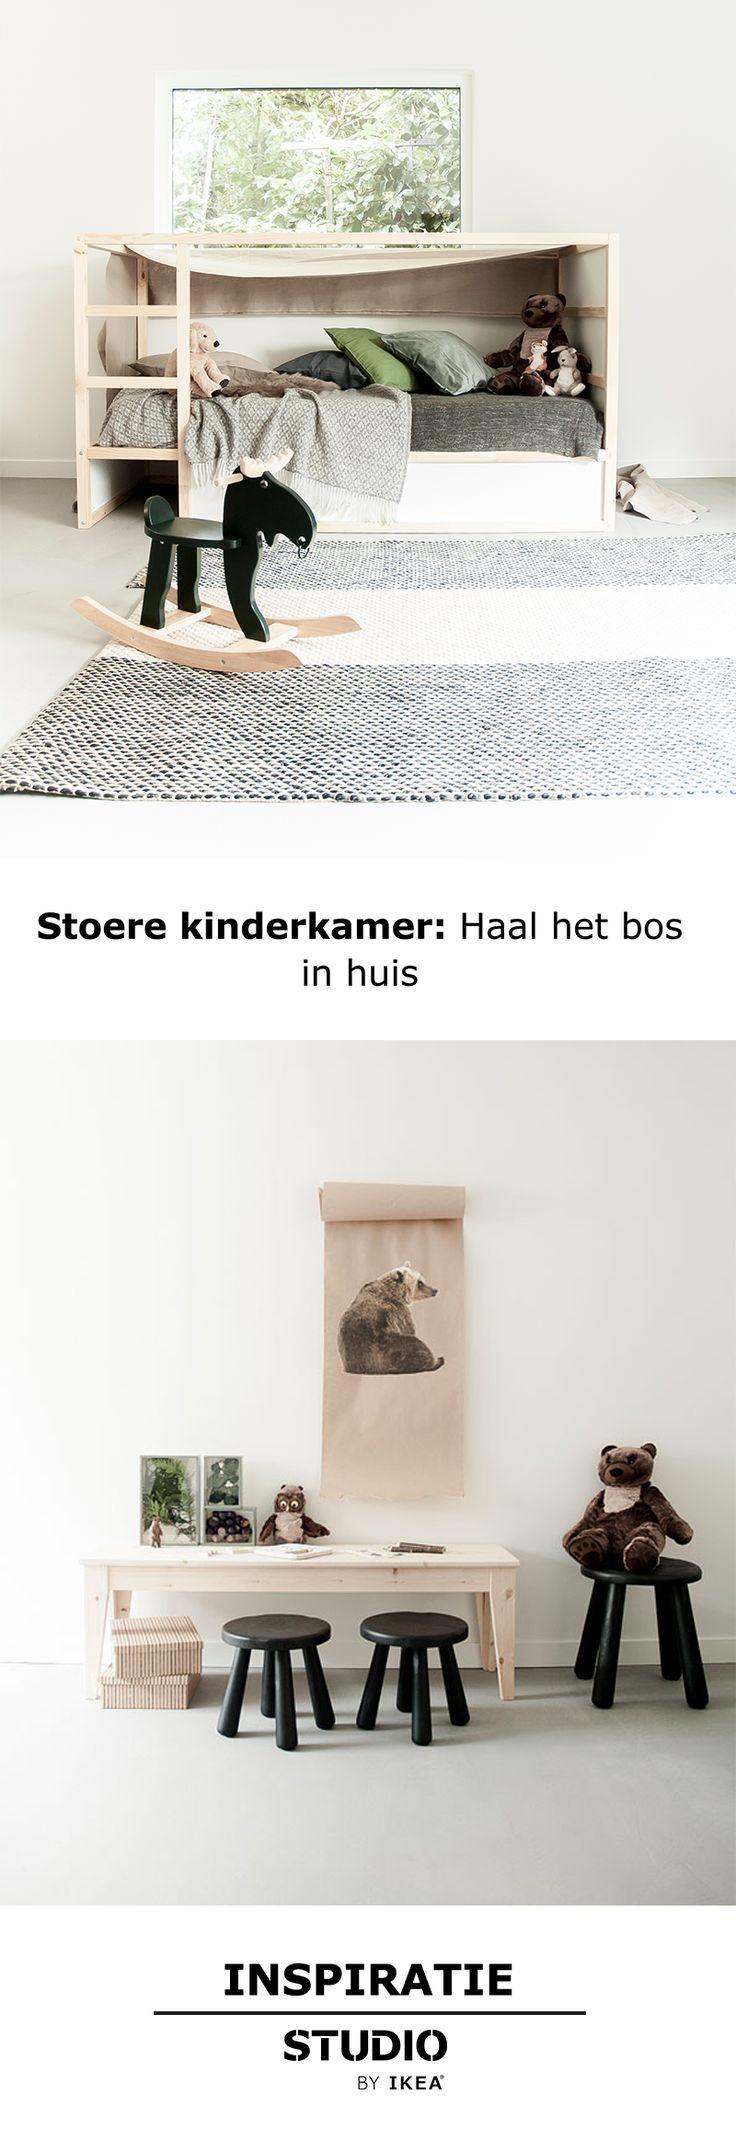 Inspiratie - Stoere kinderkamer: Haal het bos in huis | IKEA IKEANederland kinderkamer speelkamer babykamer kinderen hout Scandinavisch